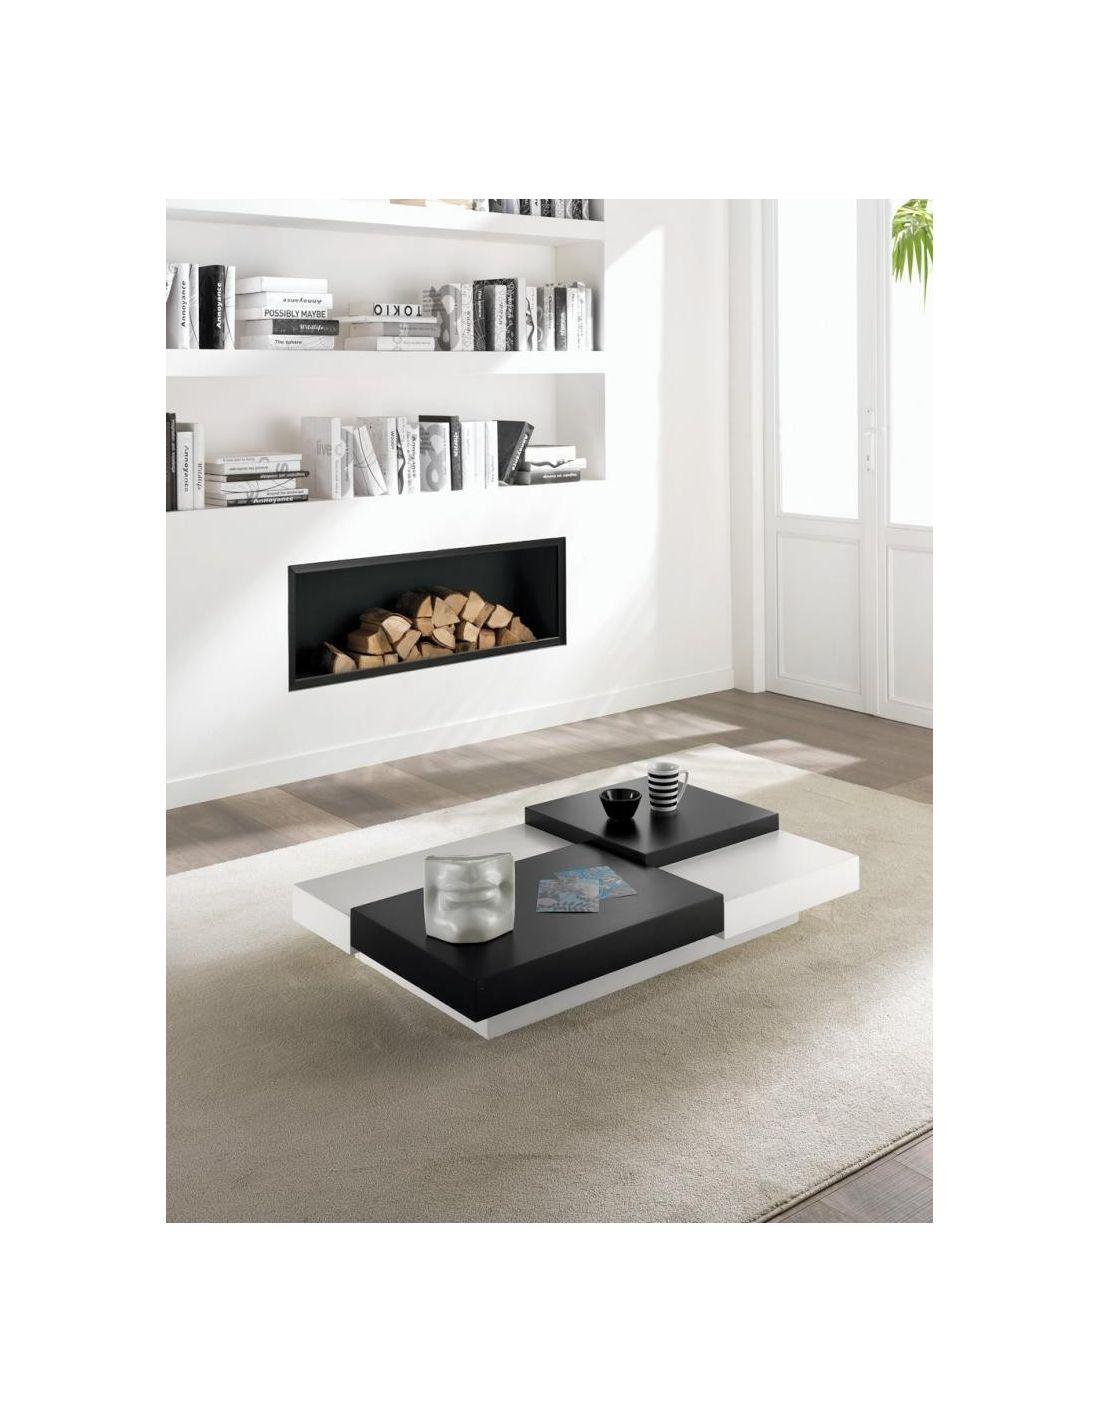 Home > Giorno > Tavolini > Tavolino Lionel moderno per soggiorno in ...